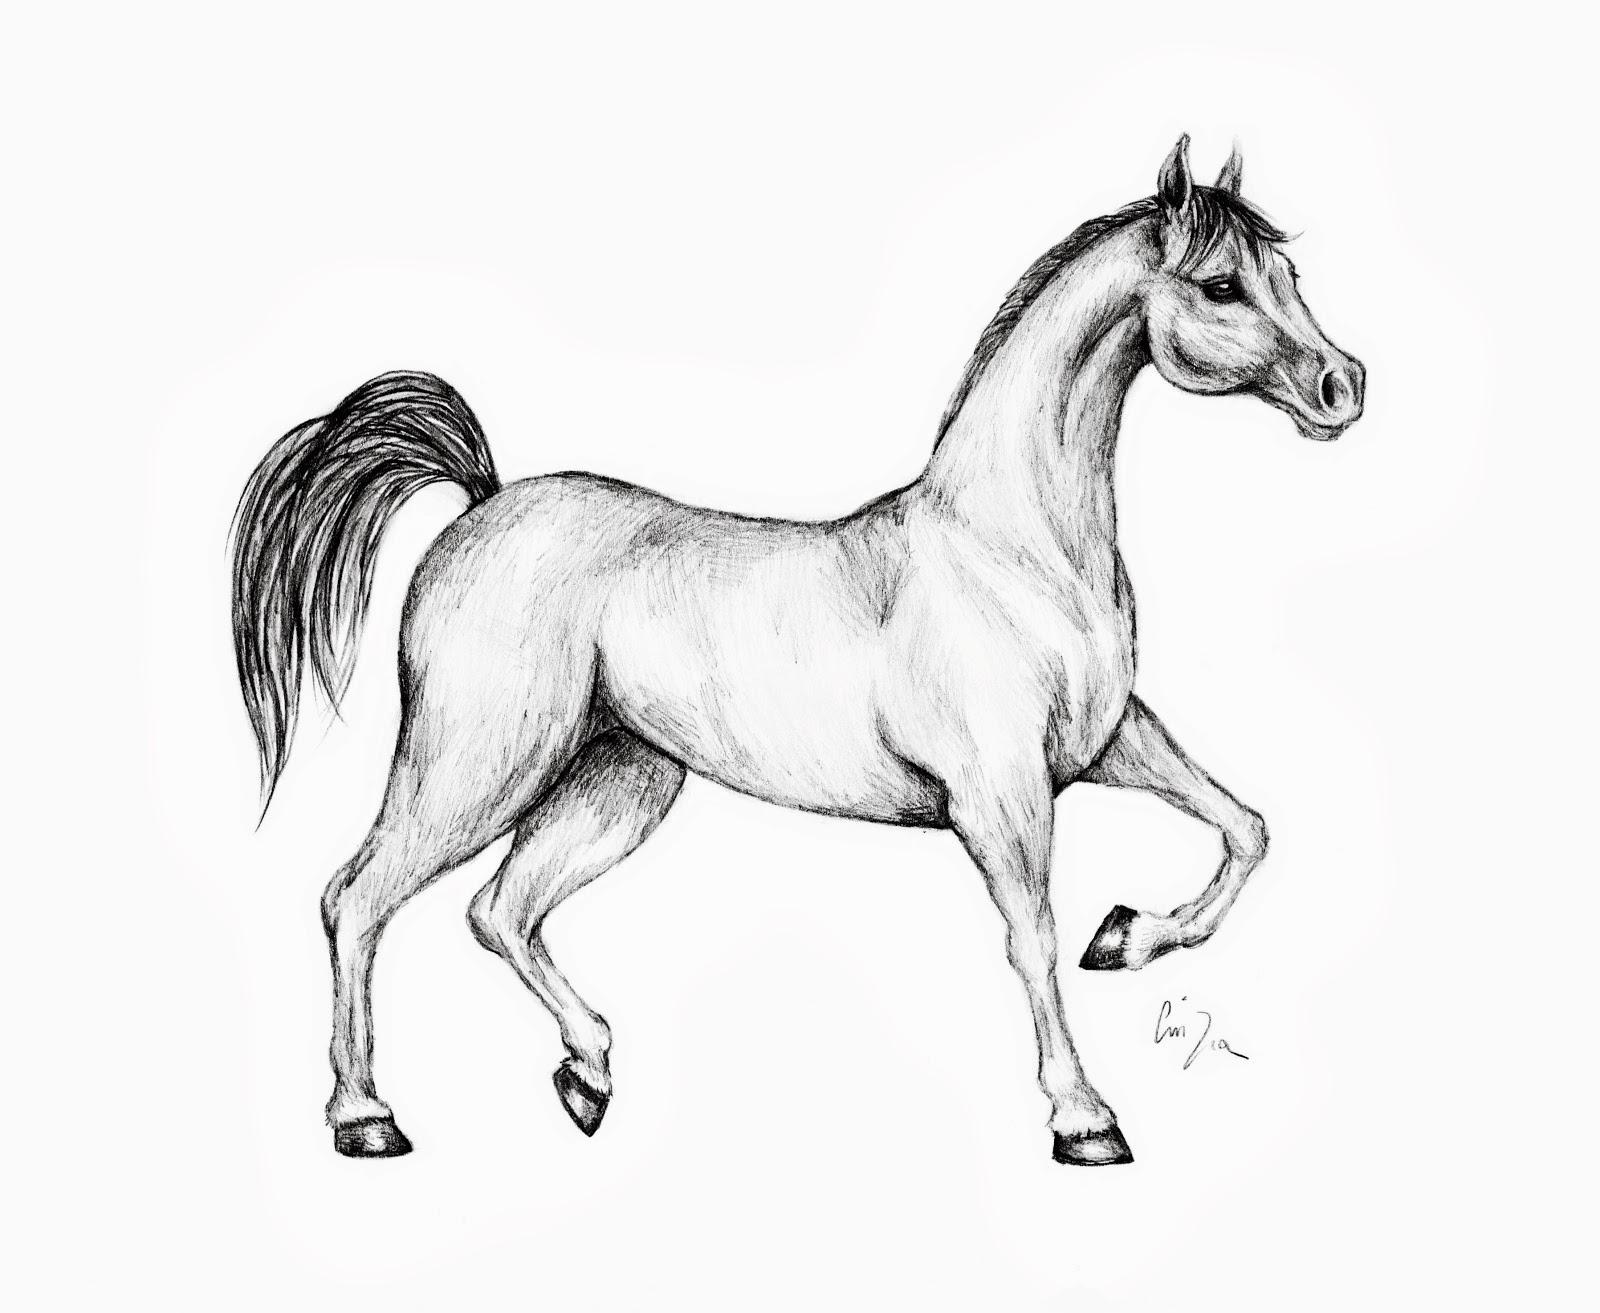 Disegni da colorare di cavalli for Immagini di cavalli da colorare